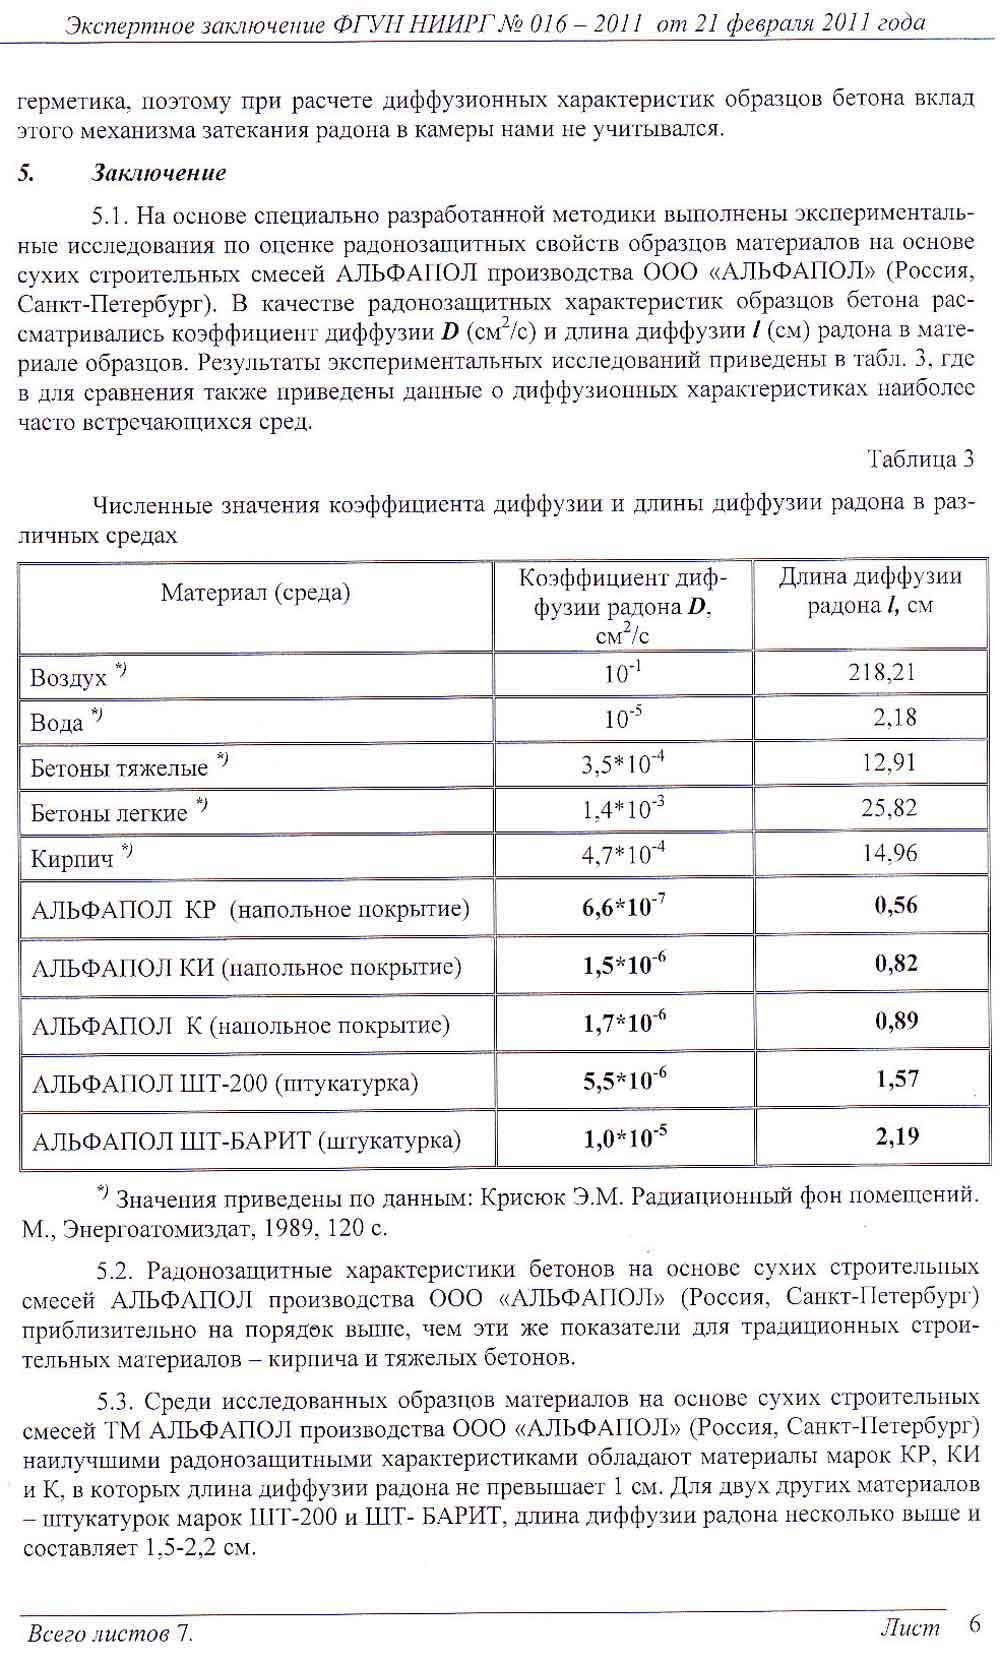 Герметик для герметизации швов купить